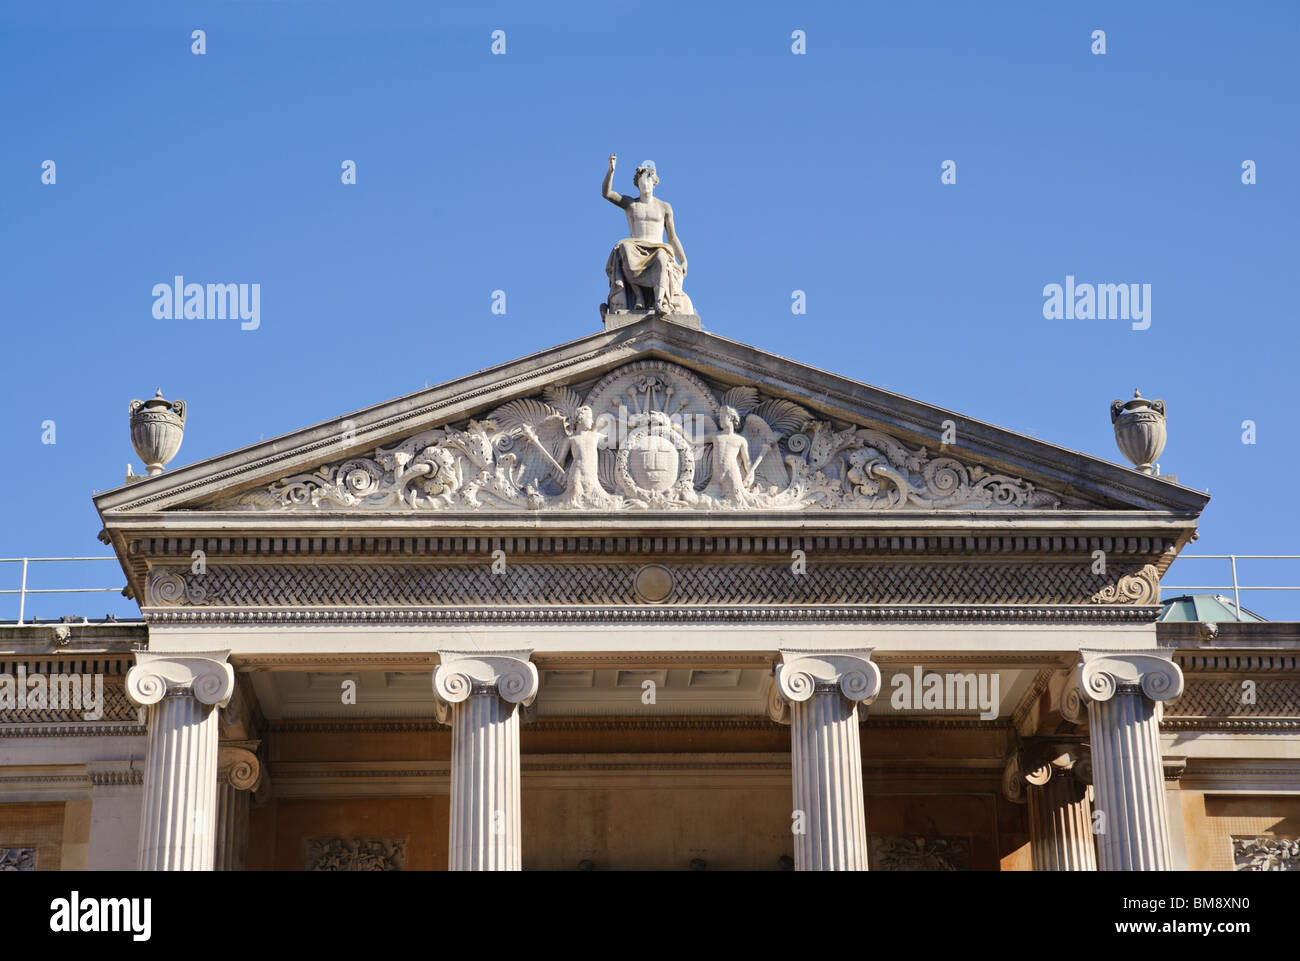 Pedimented facade of the Ashmolean Museum Oxford England - Stock Image